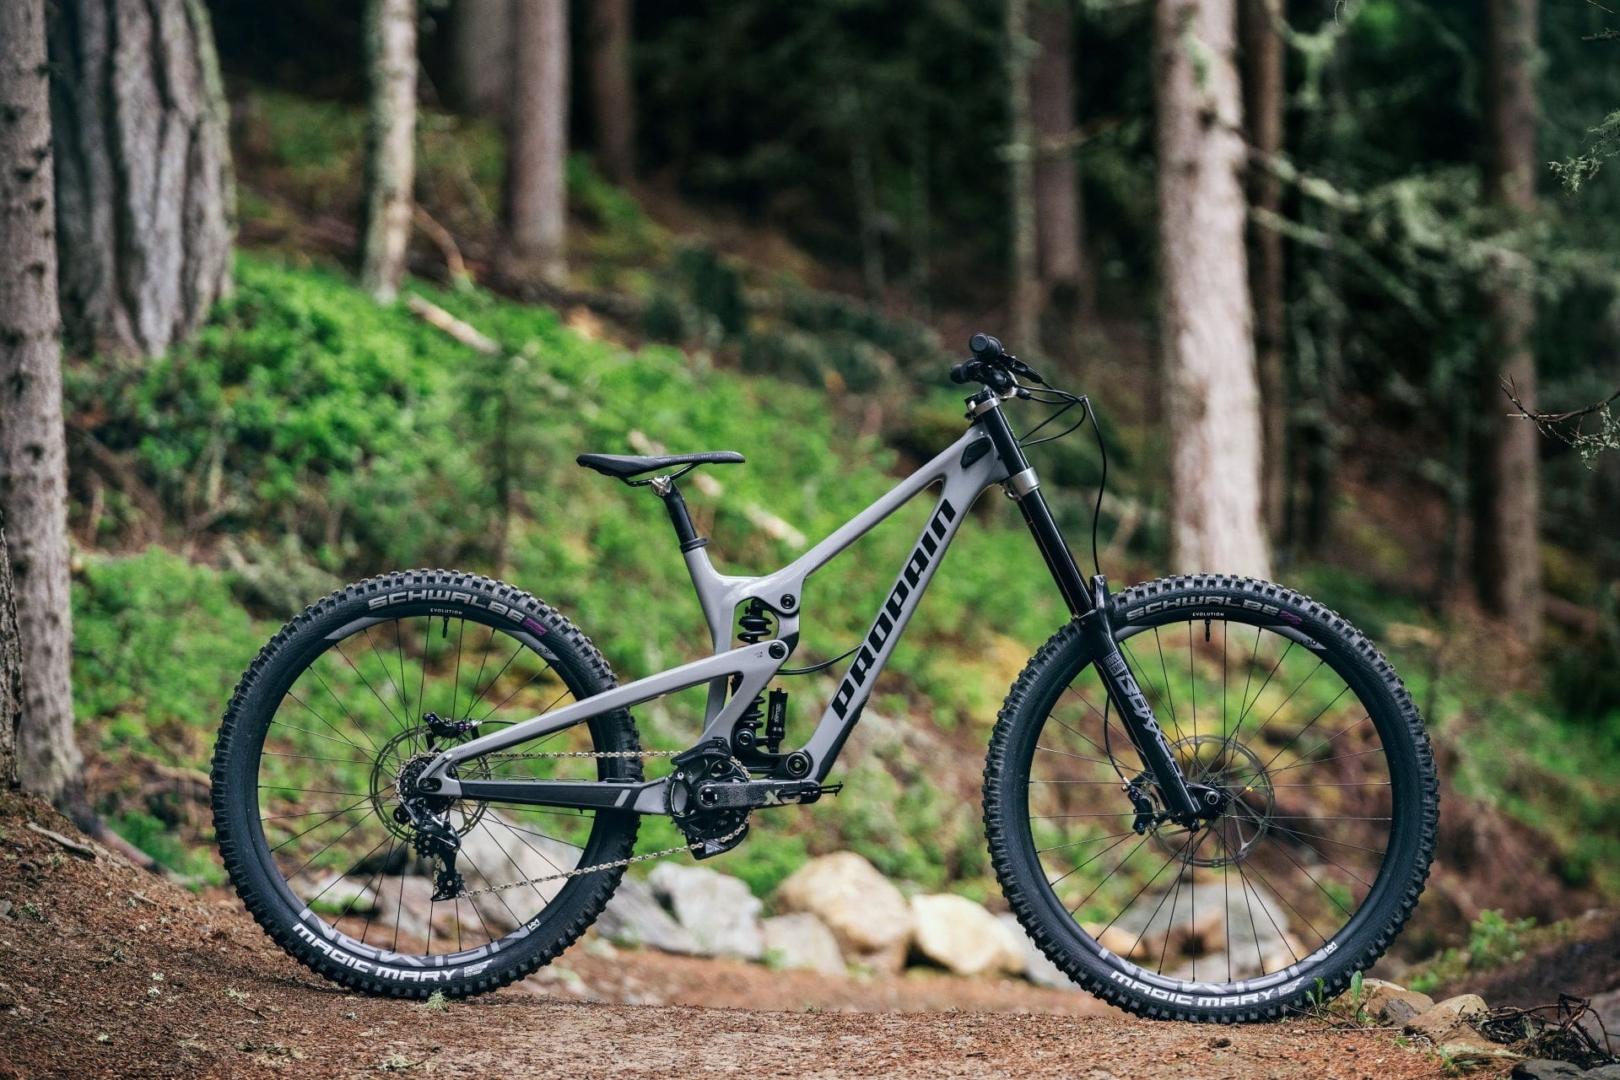 PROPAIN-Rage-CF-MY22-Schladming-Bike-Still-moongrey-dark-3800.jpg